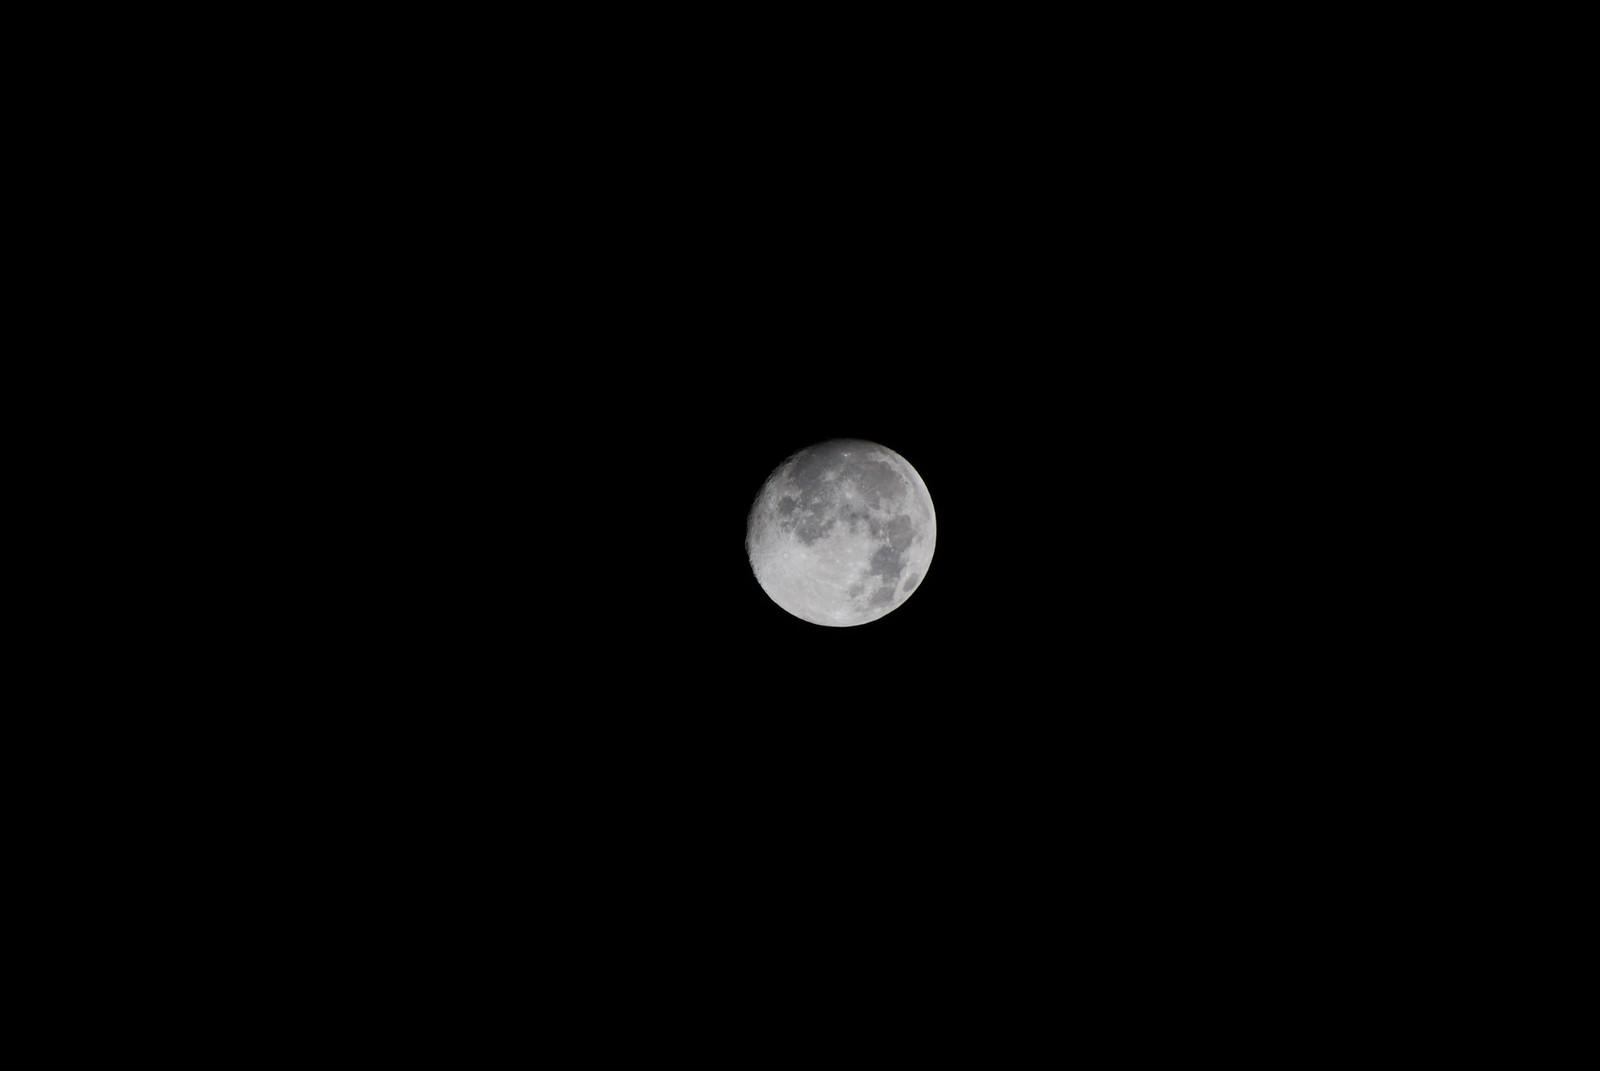 満月ちょっと前のお月様です